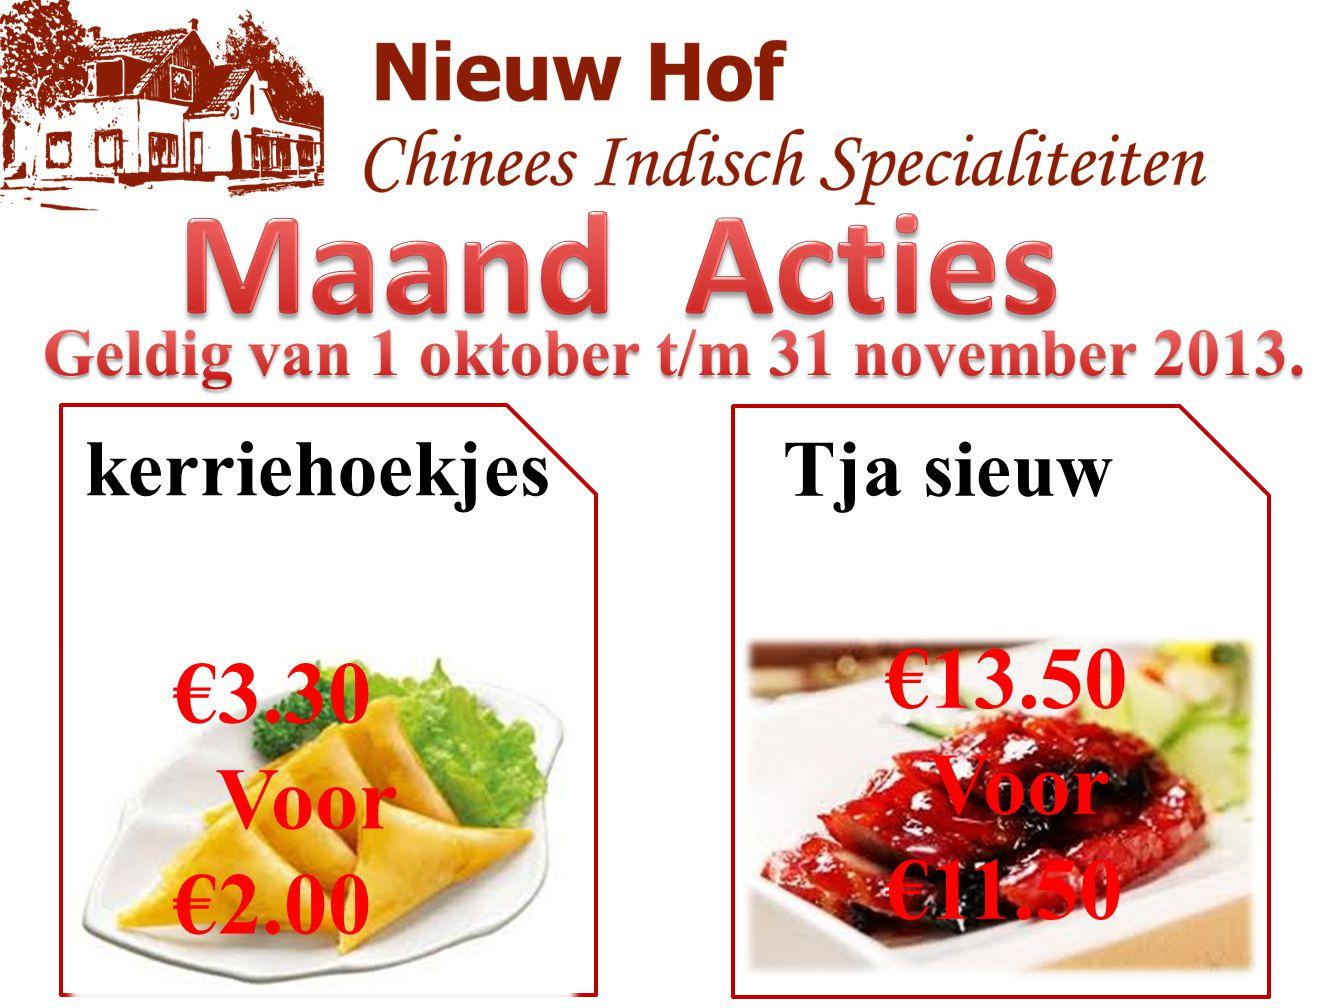 Maand Acties €13.50 €3.30 Voor Voor €11.50 €2.00 kerriehoekjes